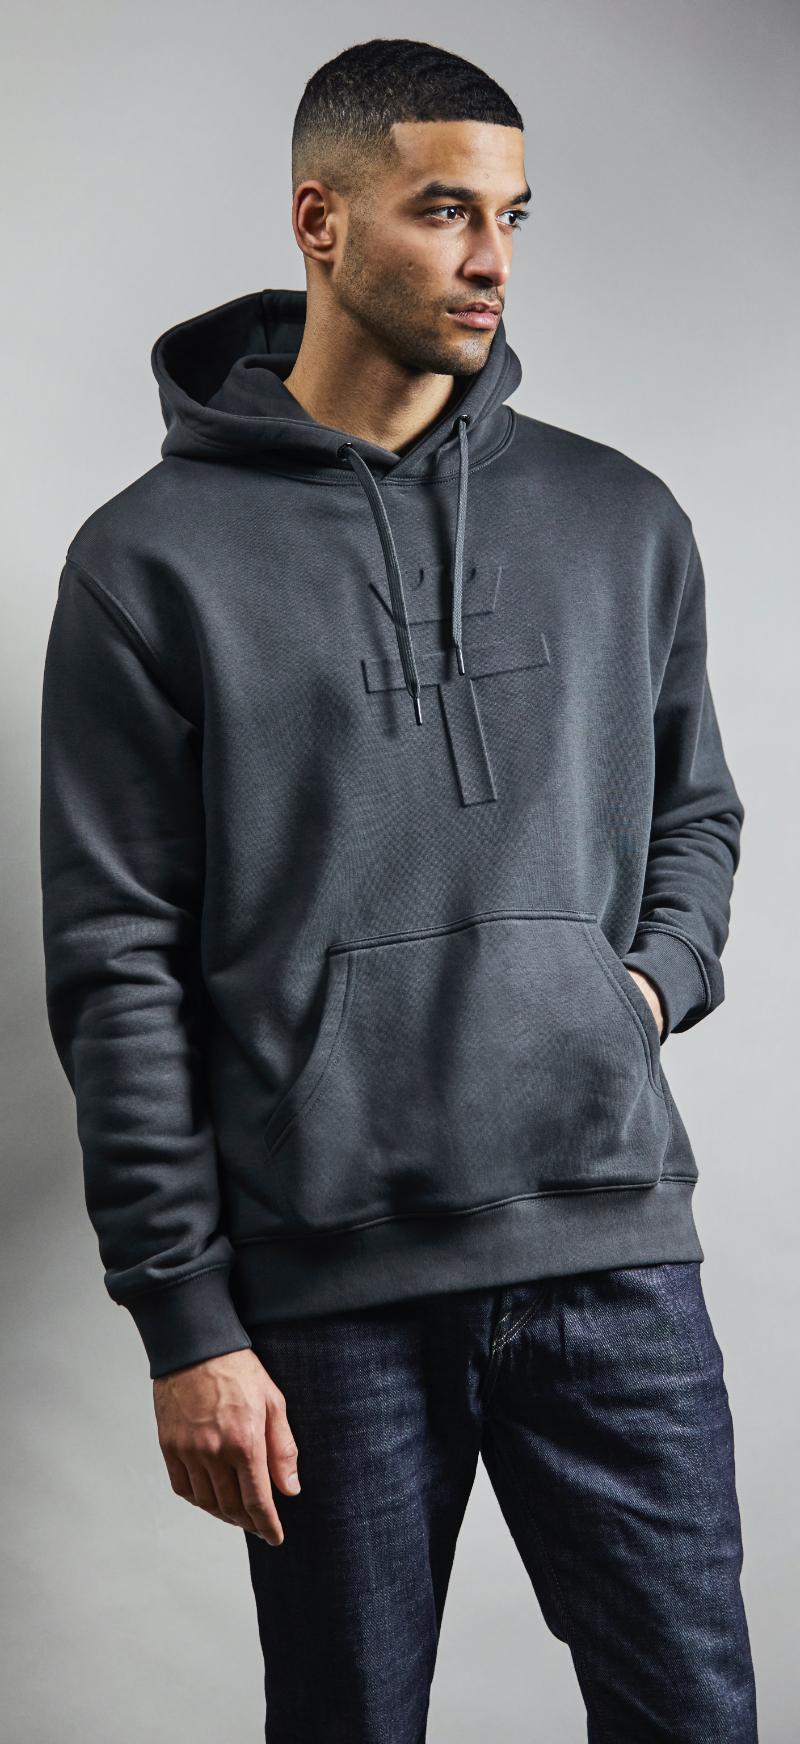 Crown Hooded Sweatshirt